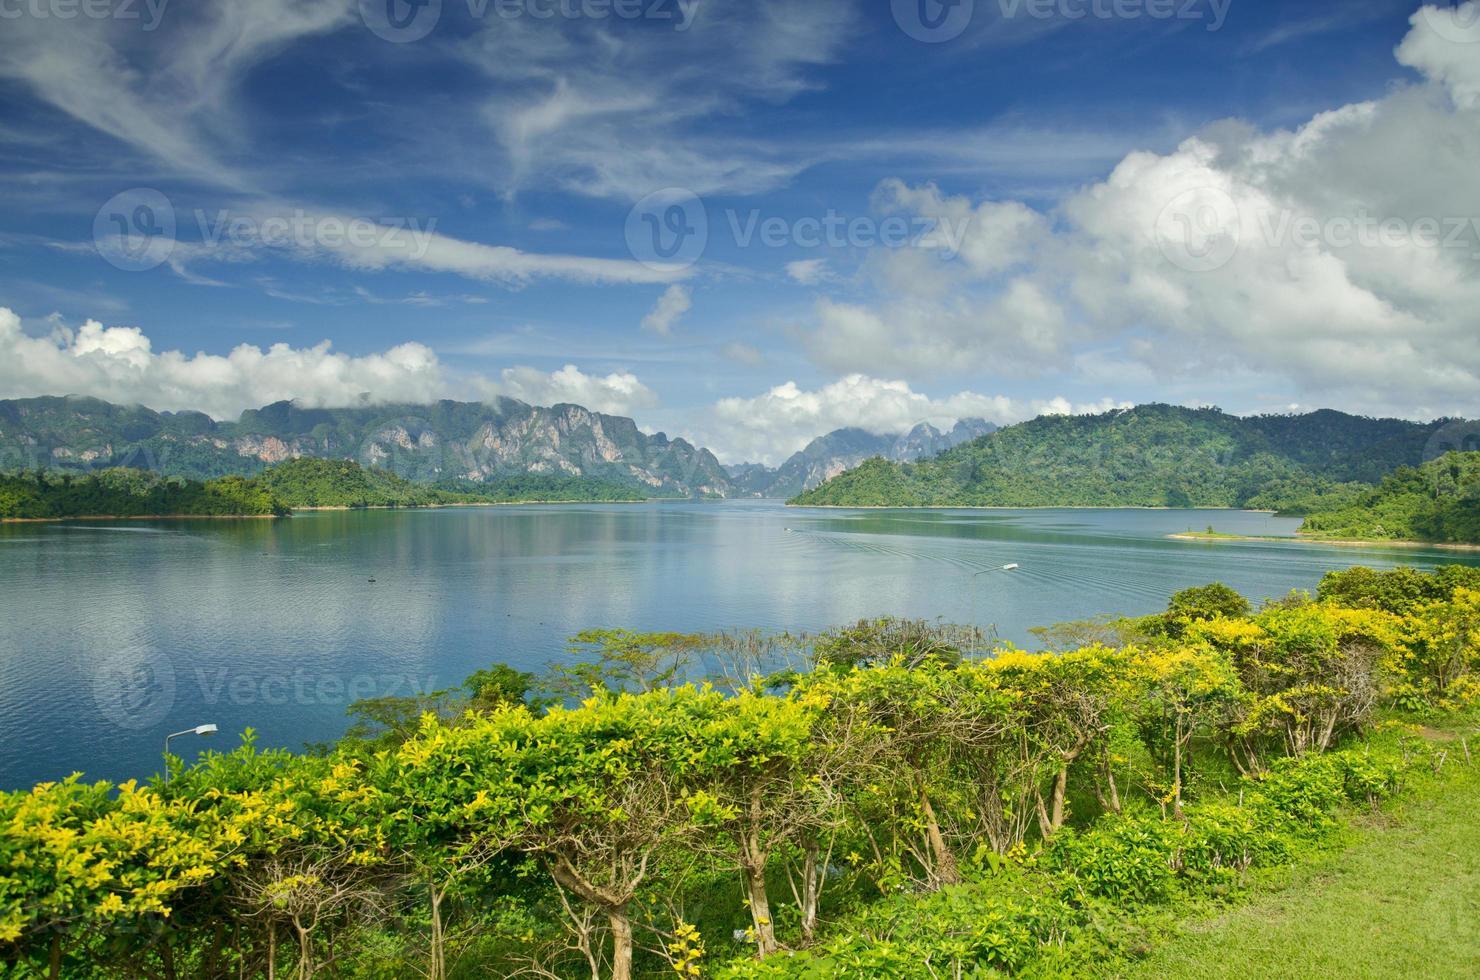 barragem de ratchaprapha província de surat thani, tailândia foto